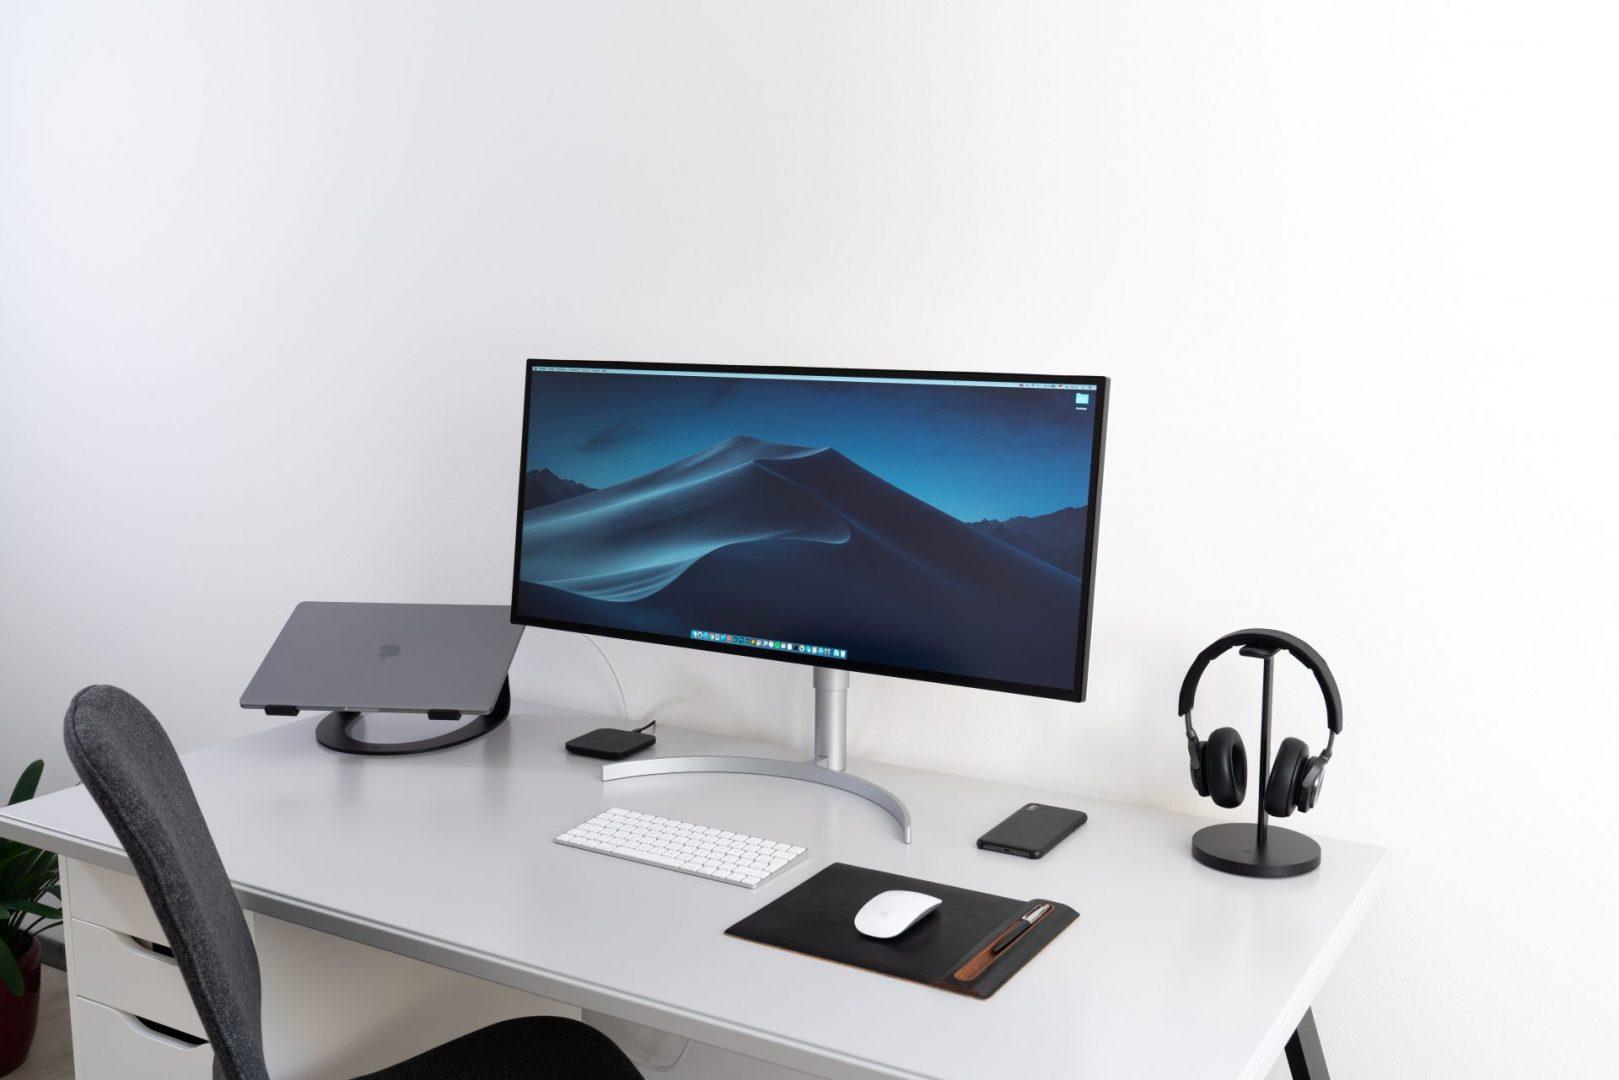 Zestaw komputerowy laptop, monitor, klawiatura i myszka